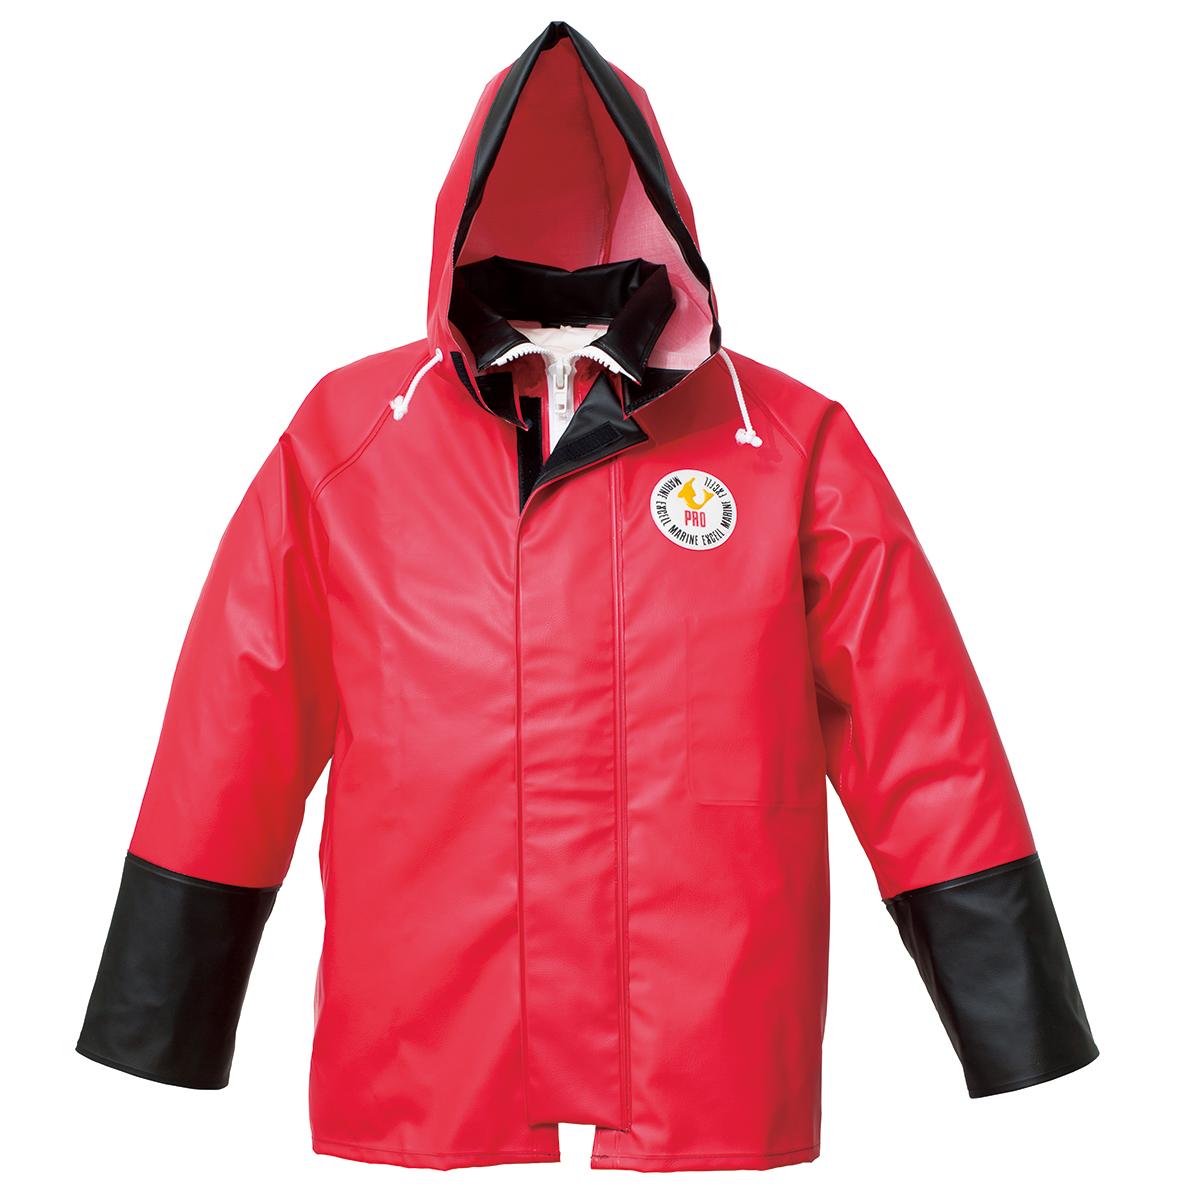 ロゴス ハイパーマリンエクセル プロ ジャケット 通販 レッド 12170 新色追加して再販 釣り具の販売 水用作業着 など 4L 通販ならフィッシング遊web店におまかせ